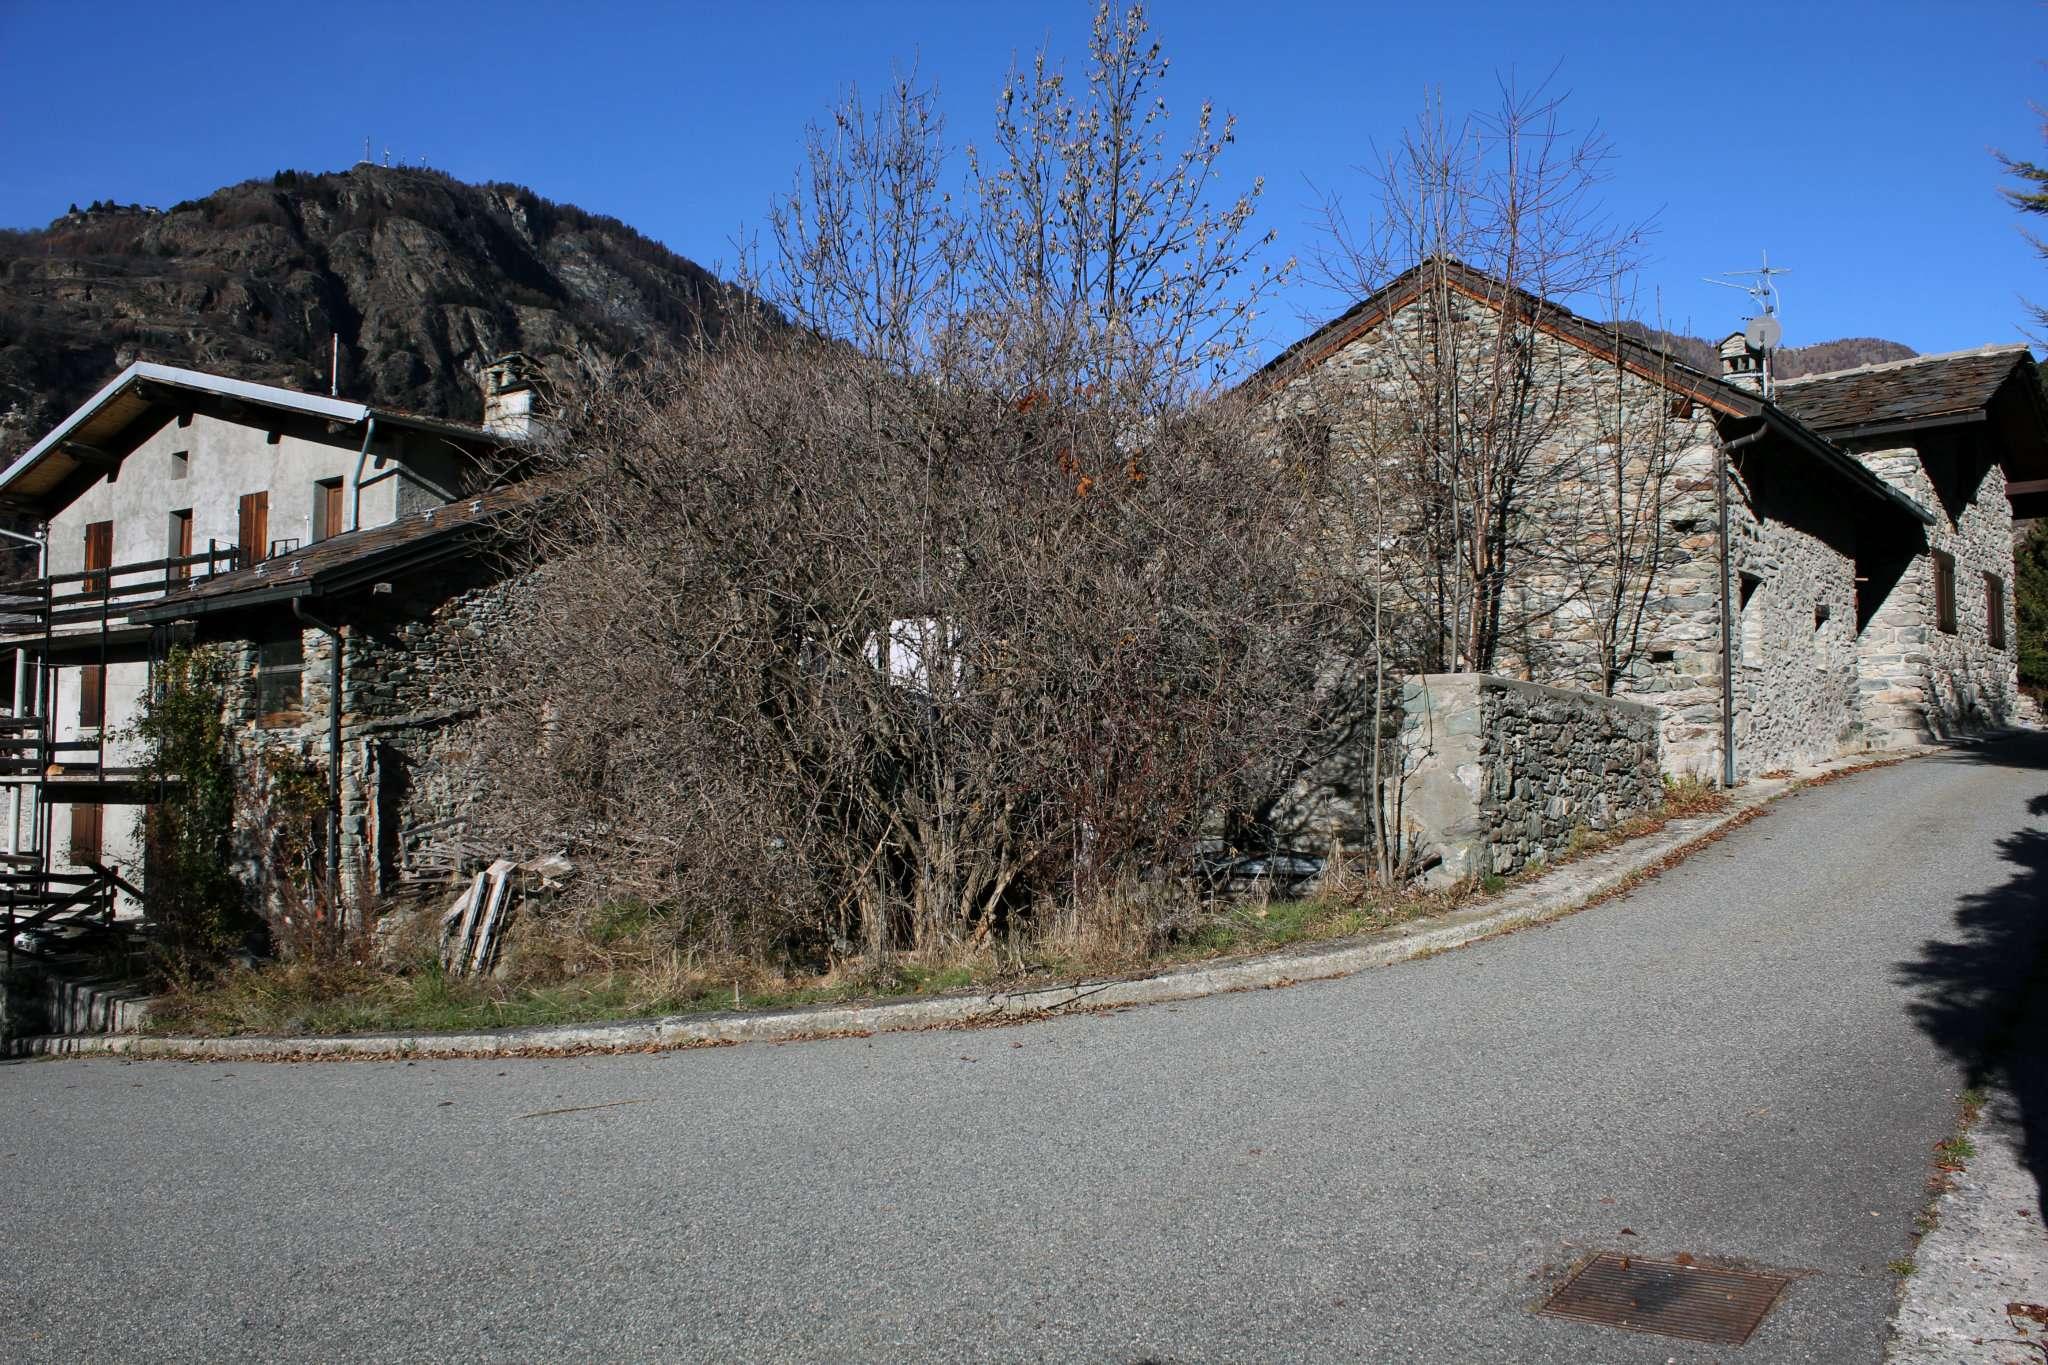 Rustico / Casale in vendita a Antey-Saint-Andrè, 4 locali, prezzo € 92.000 | Cambio Casa.it